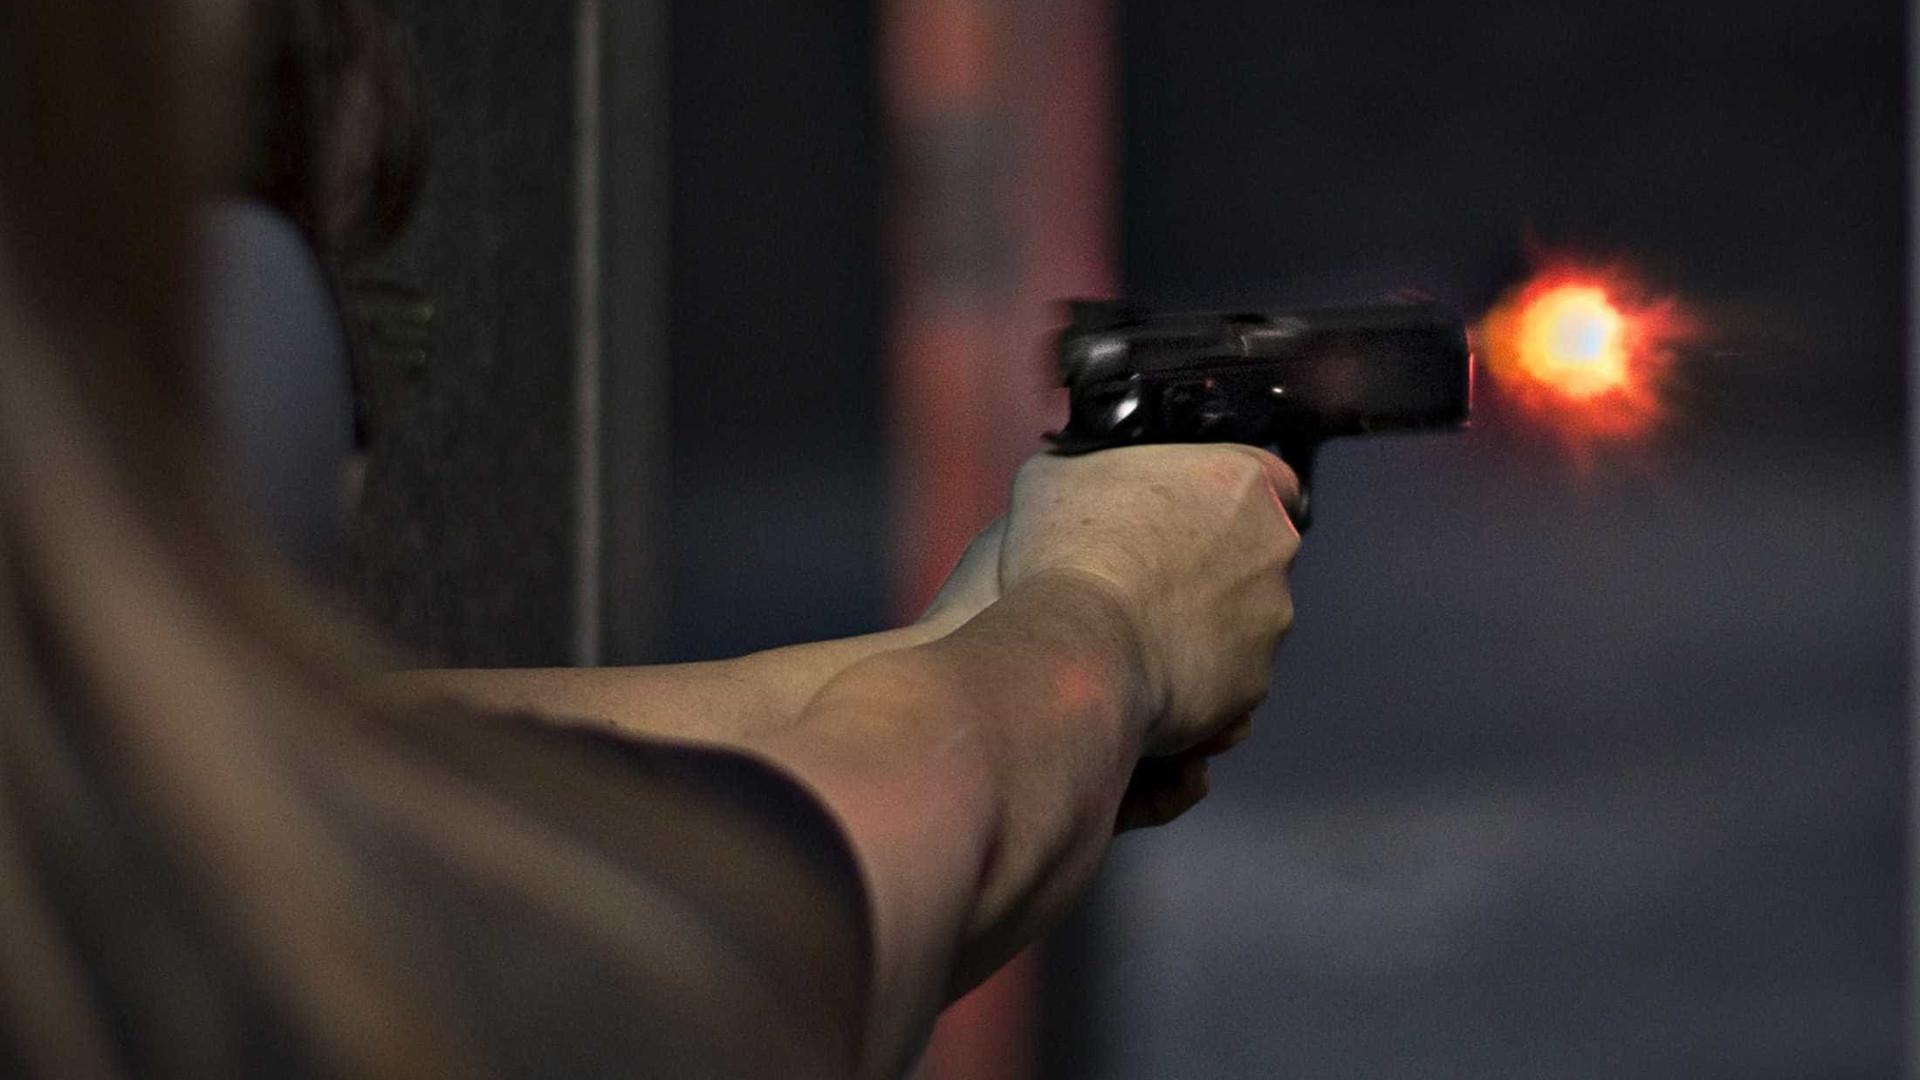 Comerciante é assassinado com  tiro na cabeça no trabalho